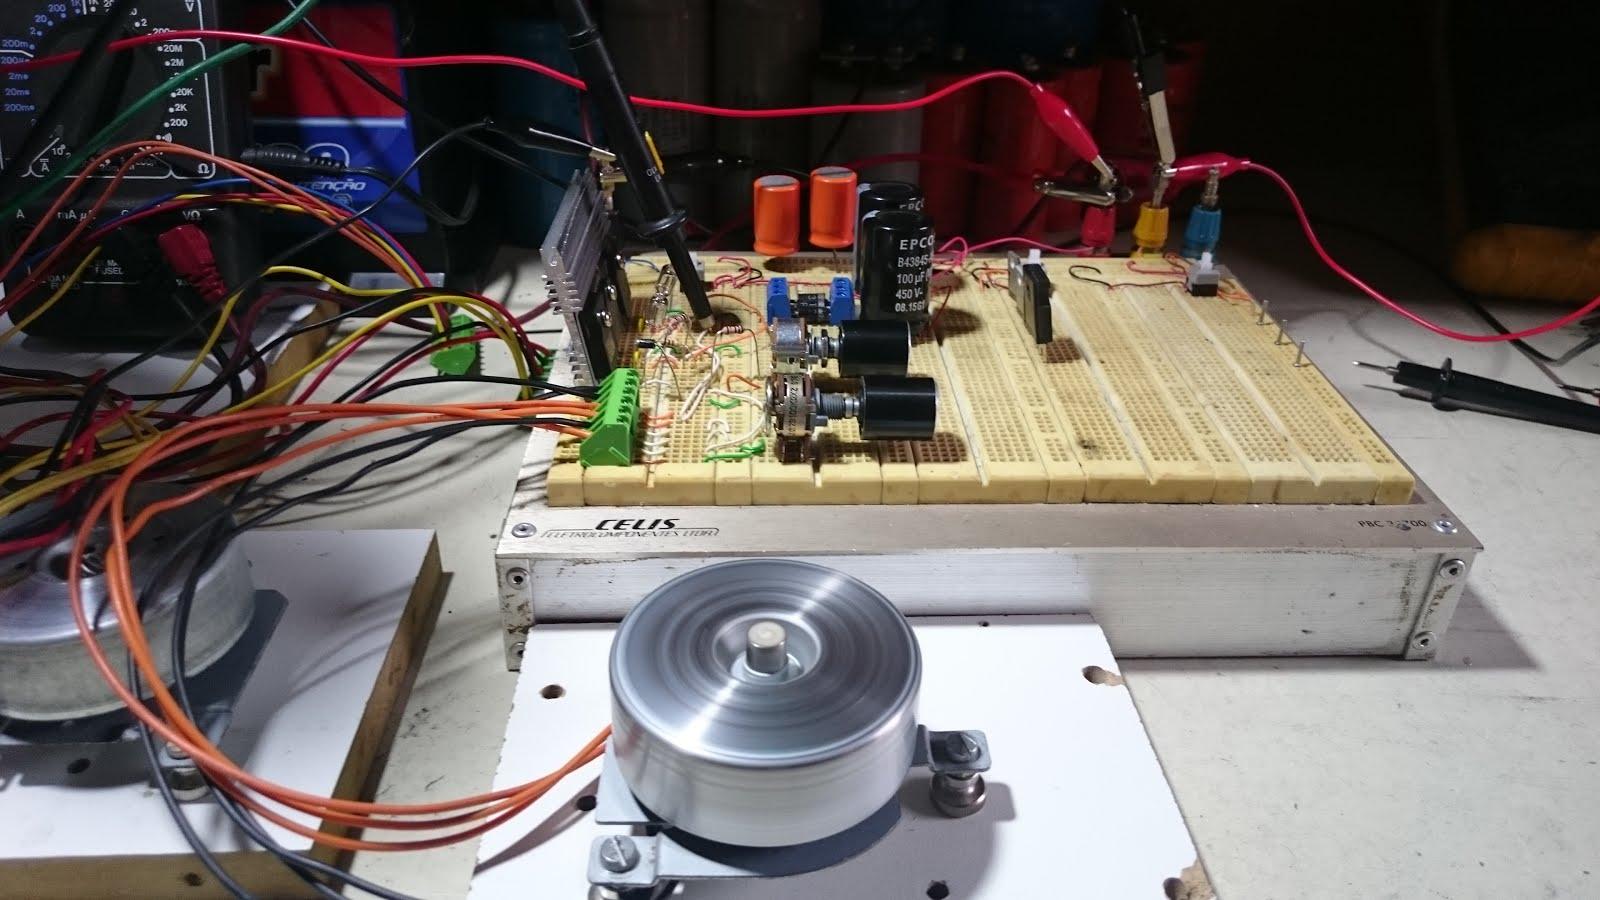 Circuito Motor Bedini : Foco eletrônico projeto gerador de pulsos com motor nidec